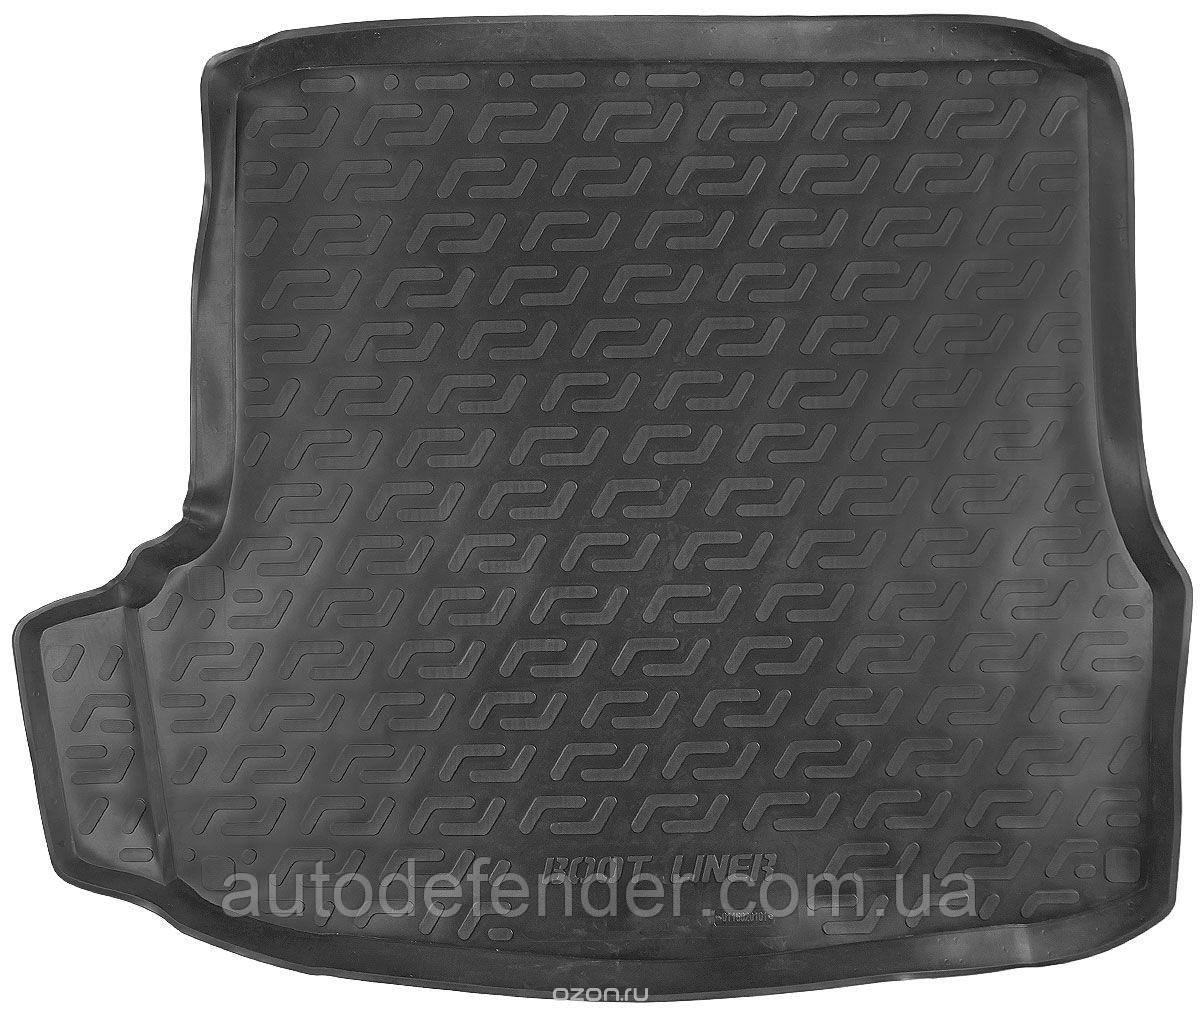 Коврик в багажник для Skoda Octavia A5 2005-13 лифтбэк, резино-пластиковый (Lada Locker)